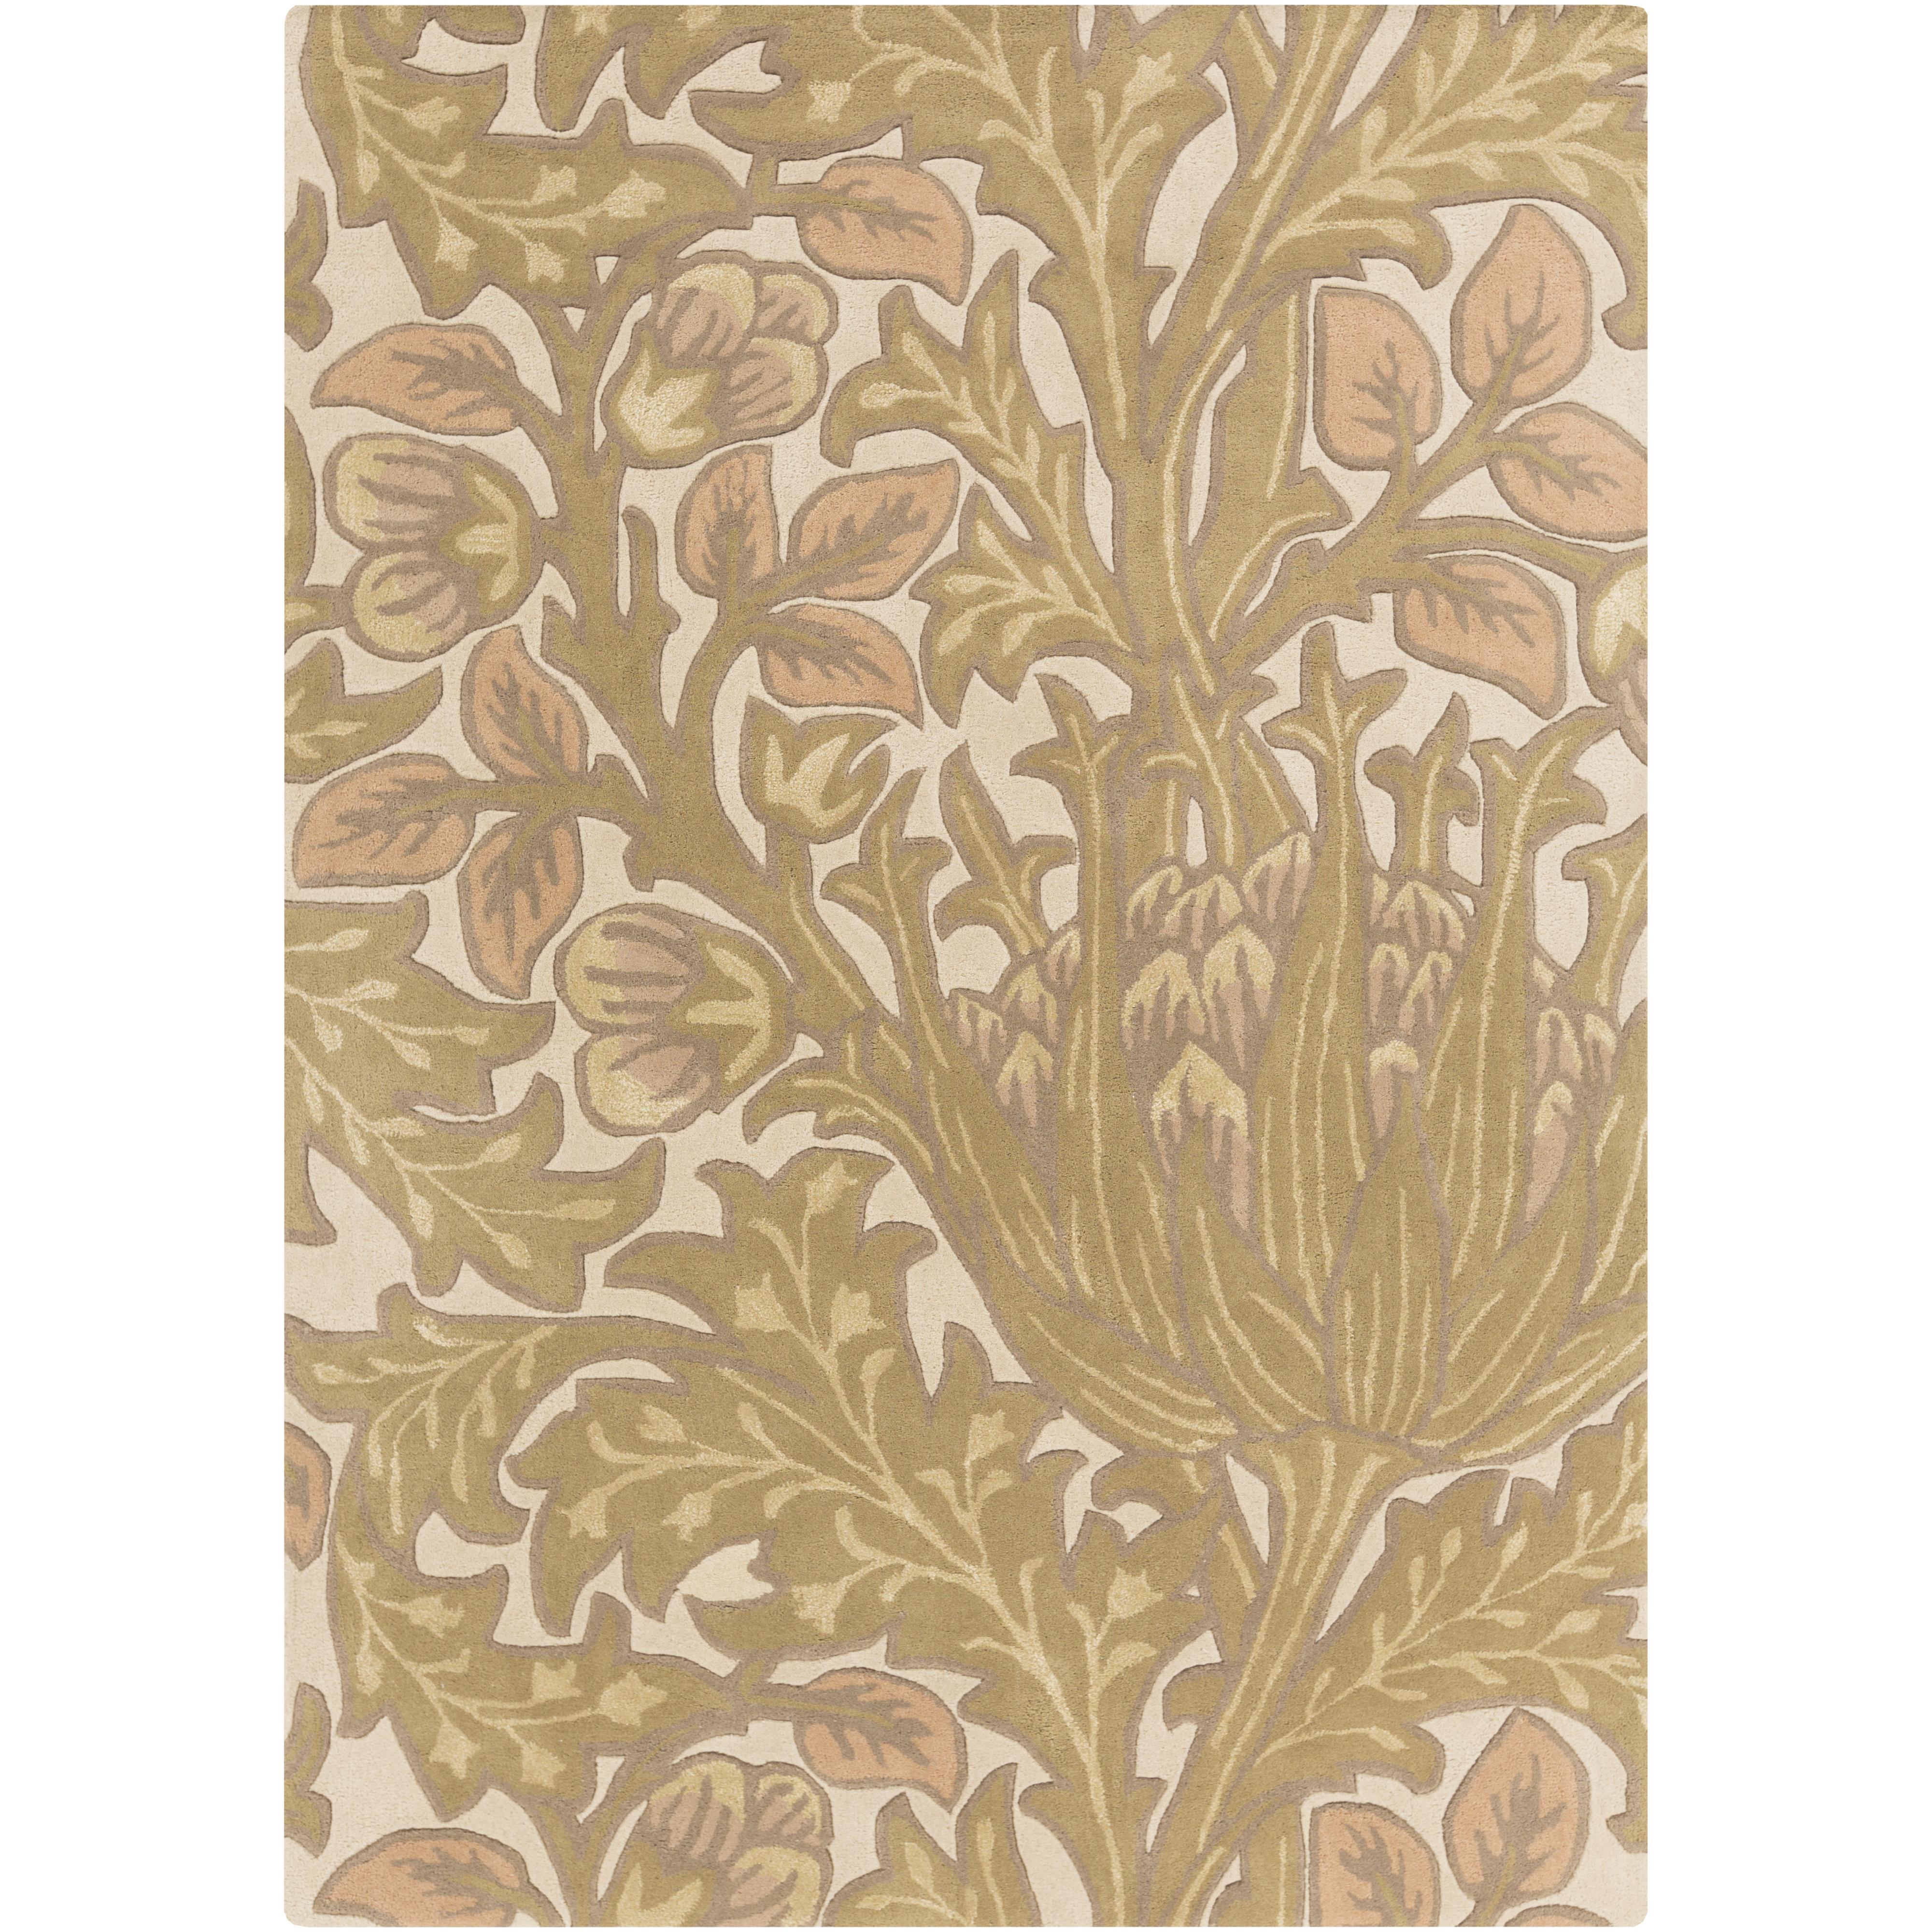 Surya Rugs William Morris 5' x 8' - Item Number: WLM3005-58